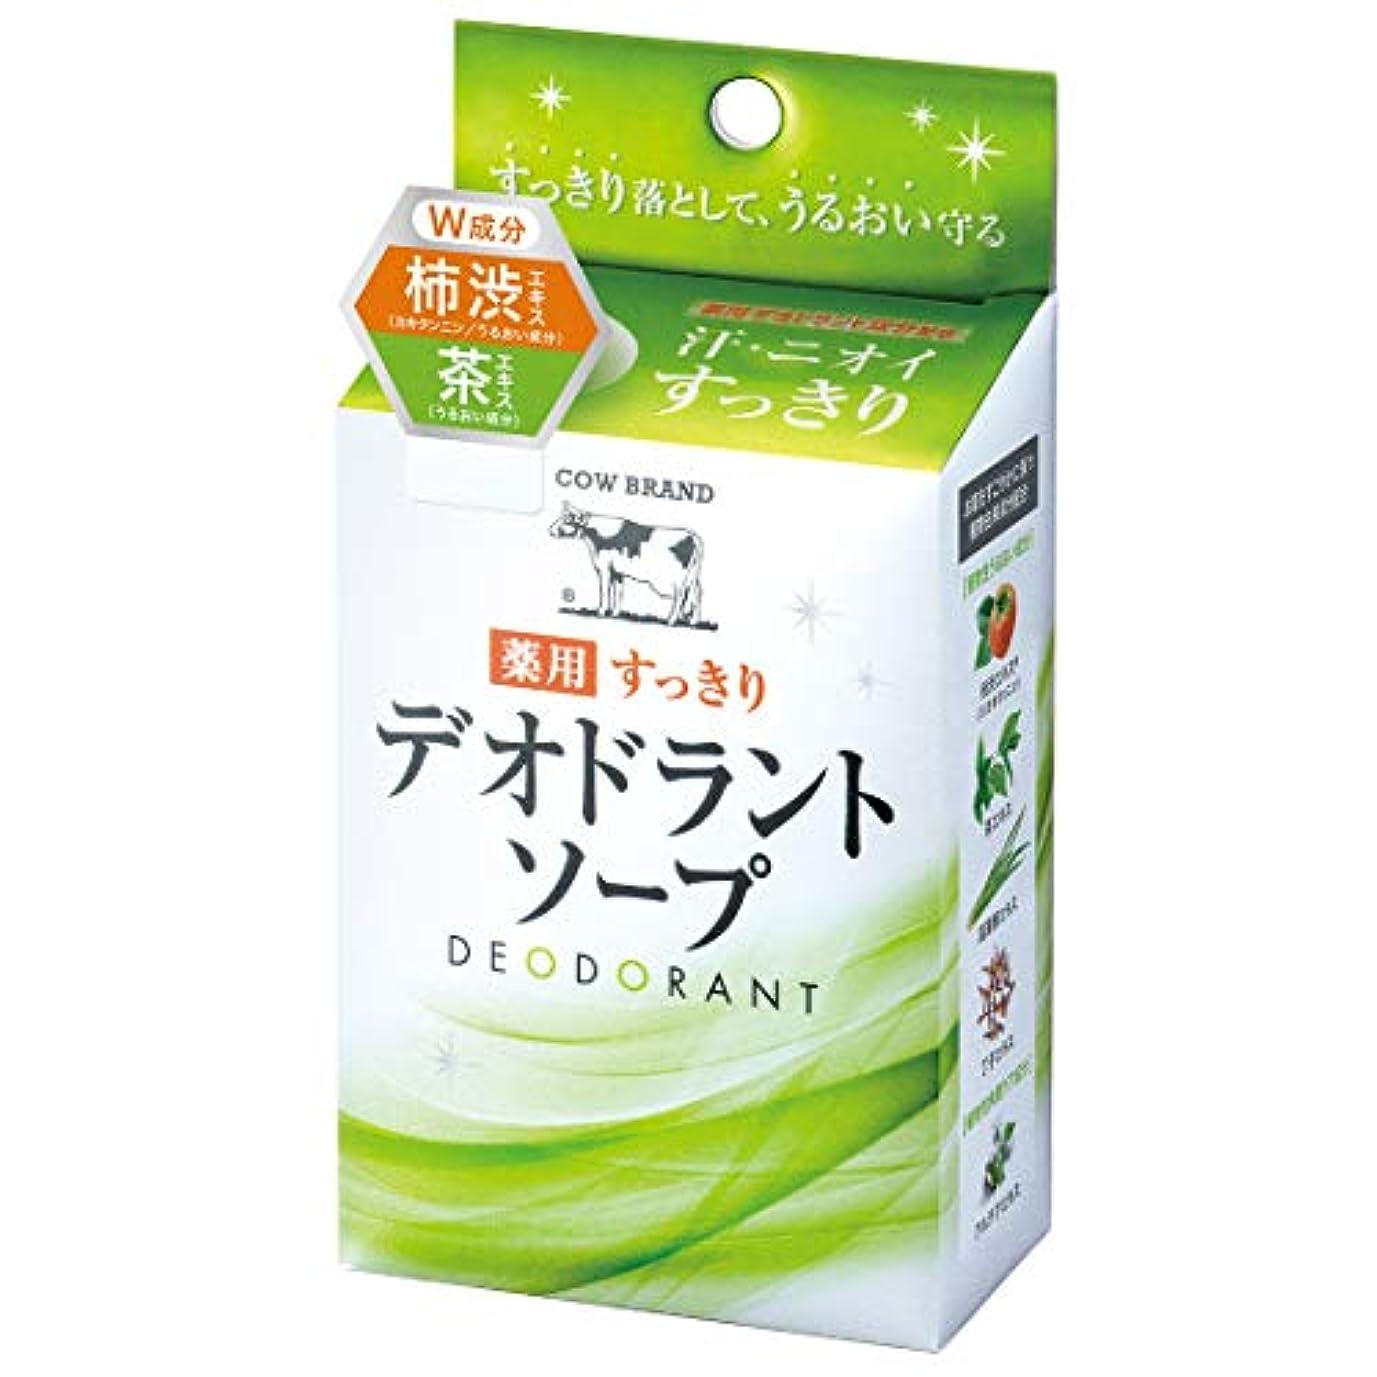 白い動脈感謝カウブランド 薬用すっきりデオドラントソープ 125g 【医薬部外品】